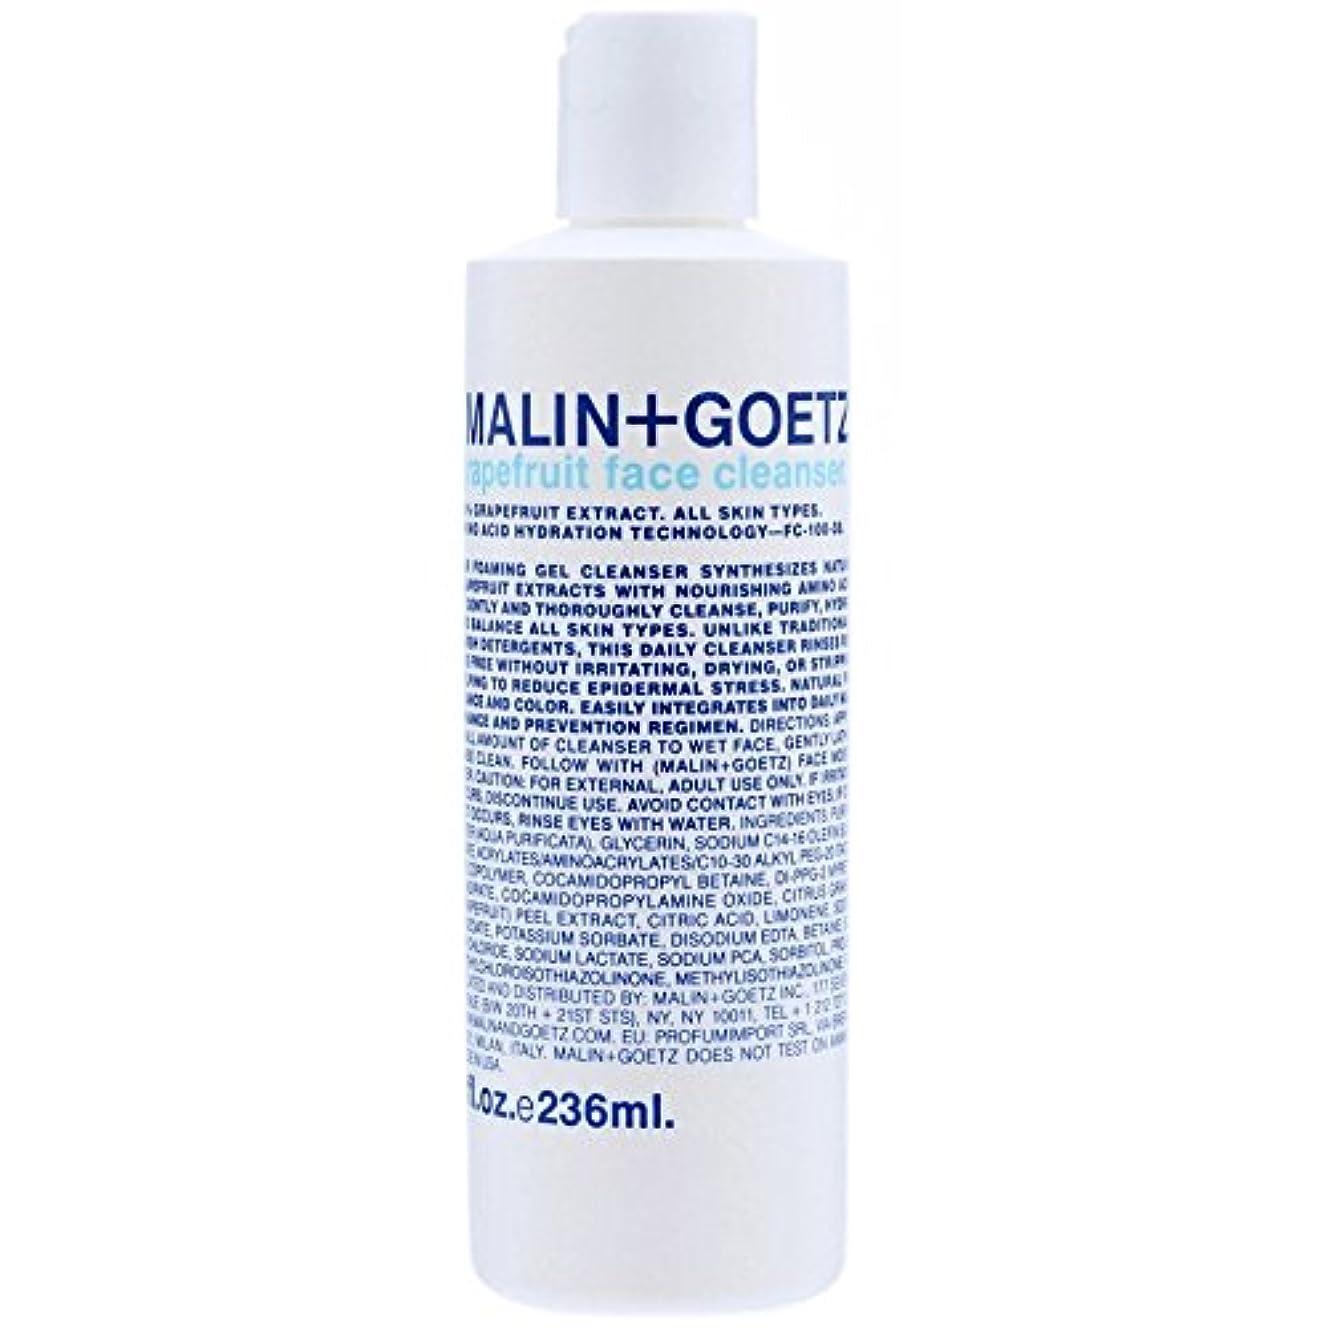 自伝冒険者スピリチュアルマリン+ゲッツグレープフルーツフェイスクレンザー x4 - MALIN+GOETZ Grapefruit Face Cleanser (Pack of 4) [並行輸入品]